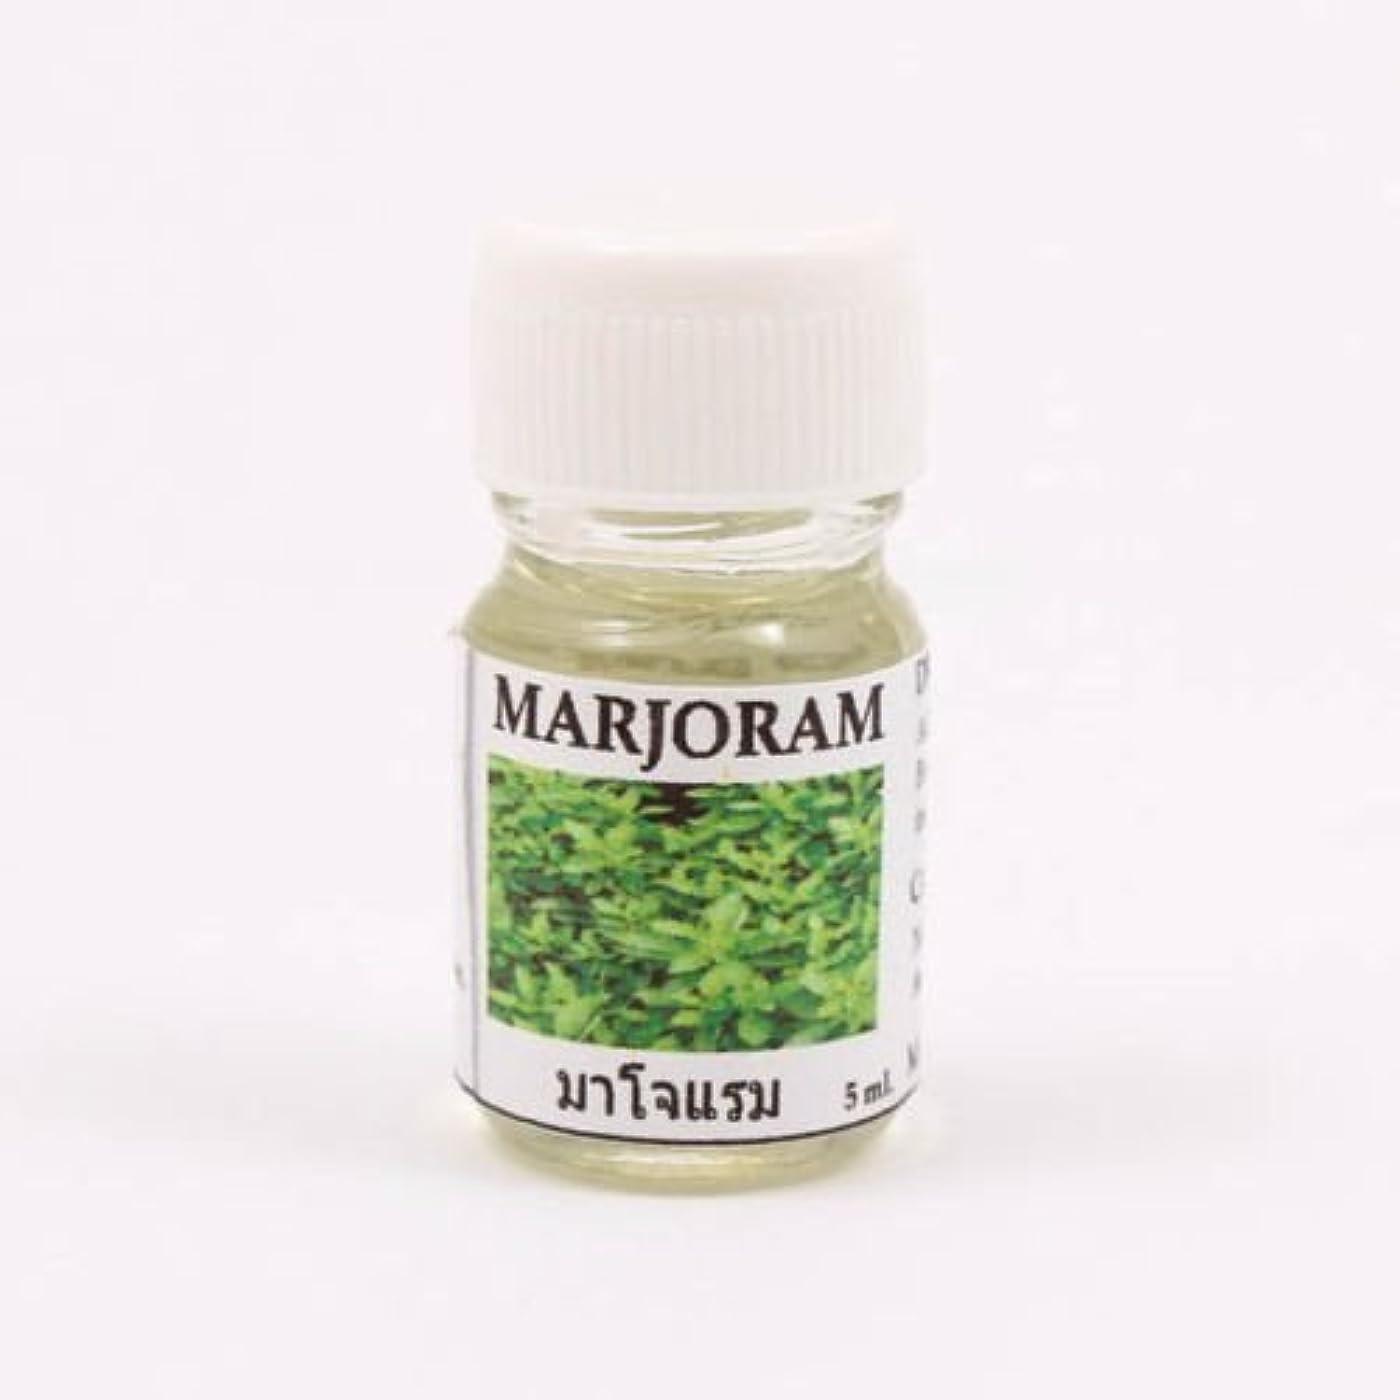 パネルわな分割6X Marjoram Aroma Fragrance Essential Oil 5ML (cc) Diffuser Burner Therapy